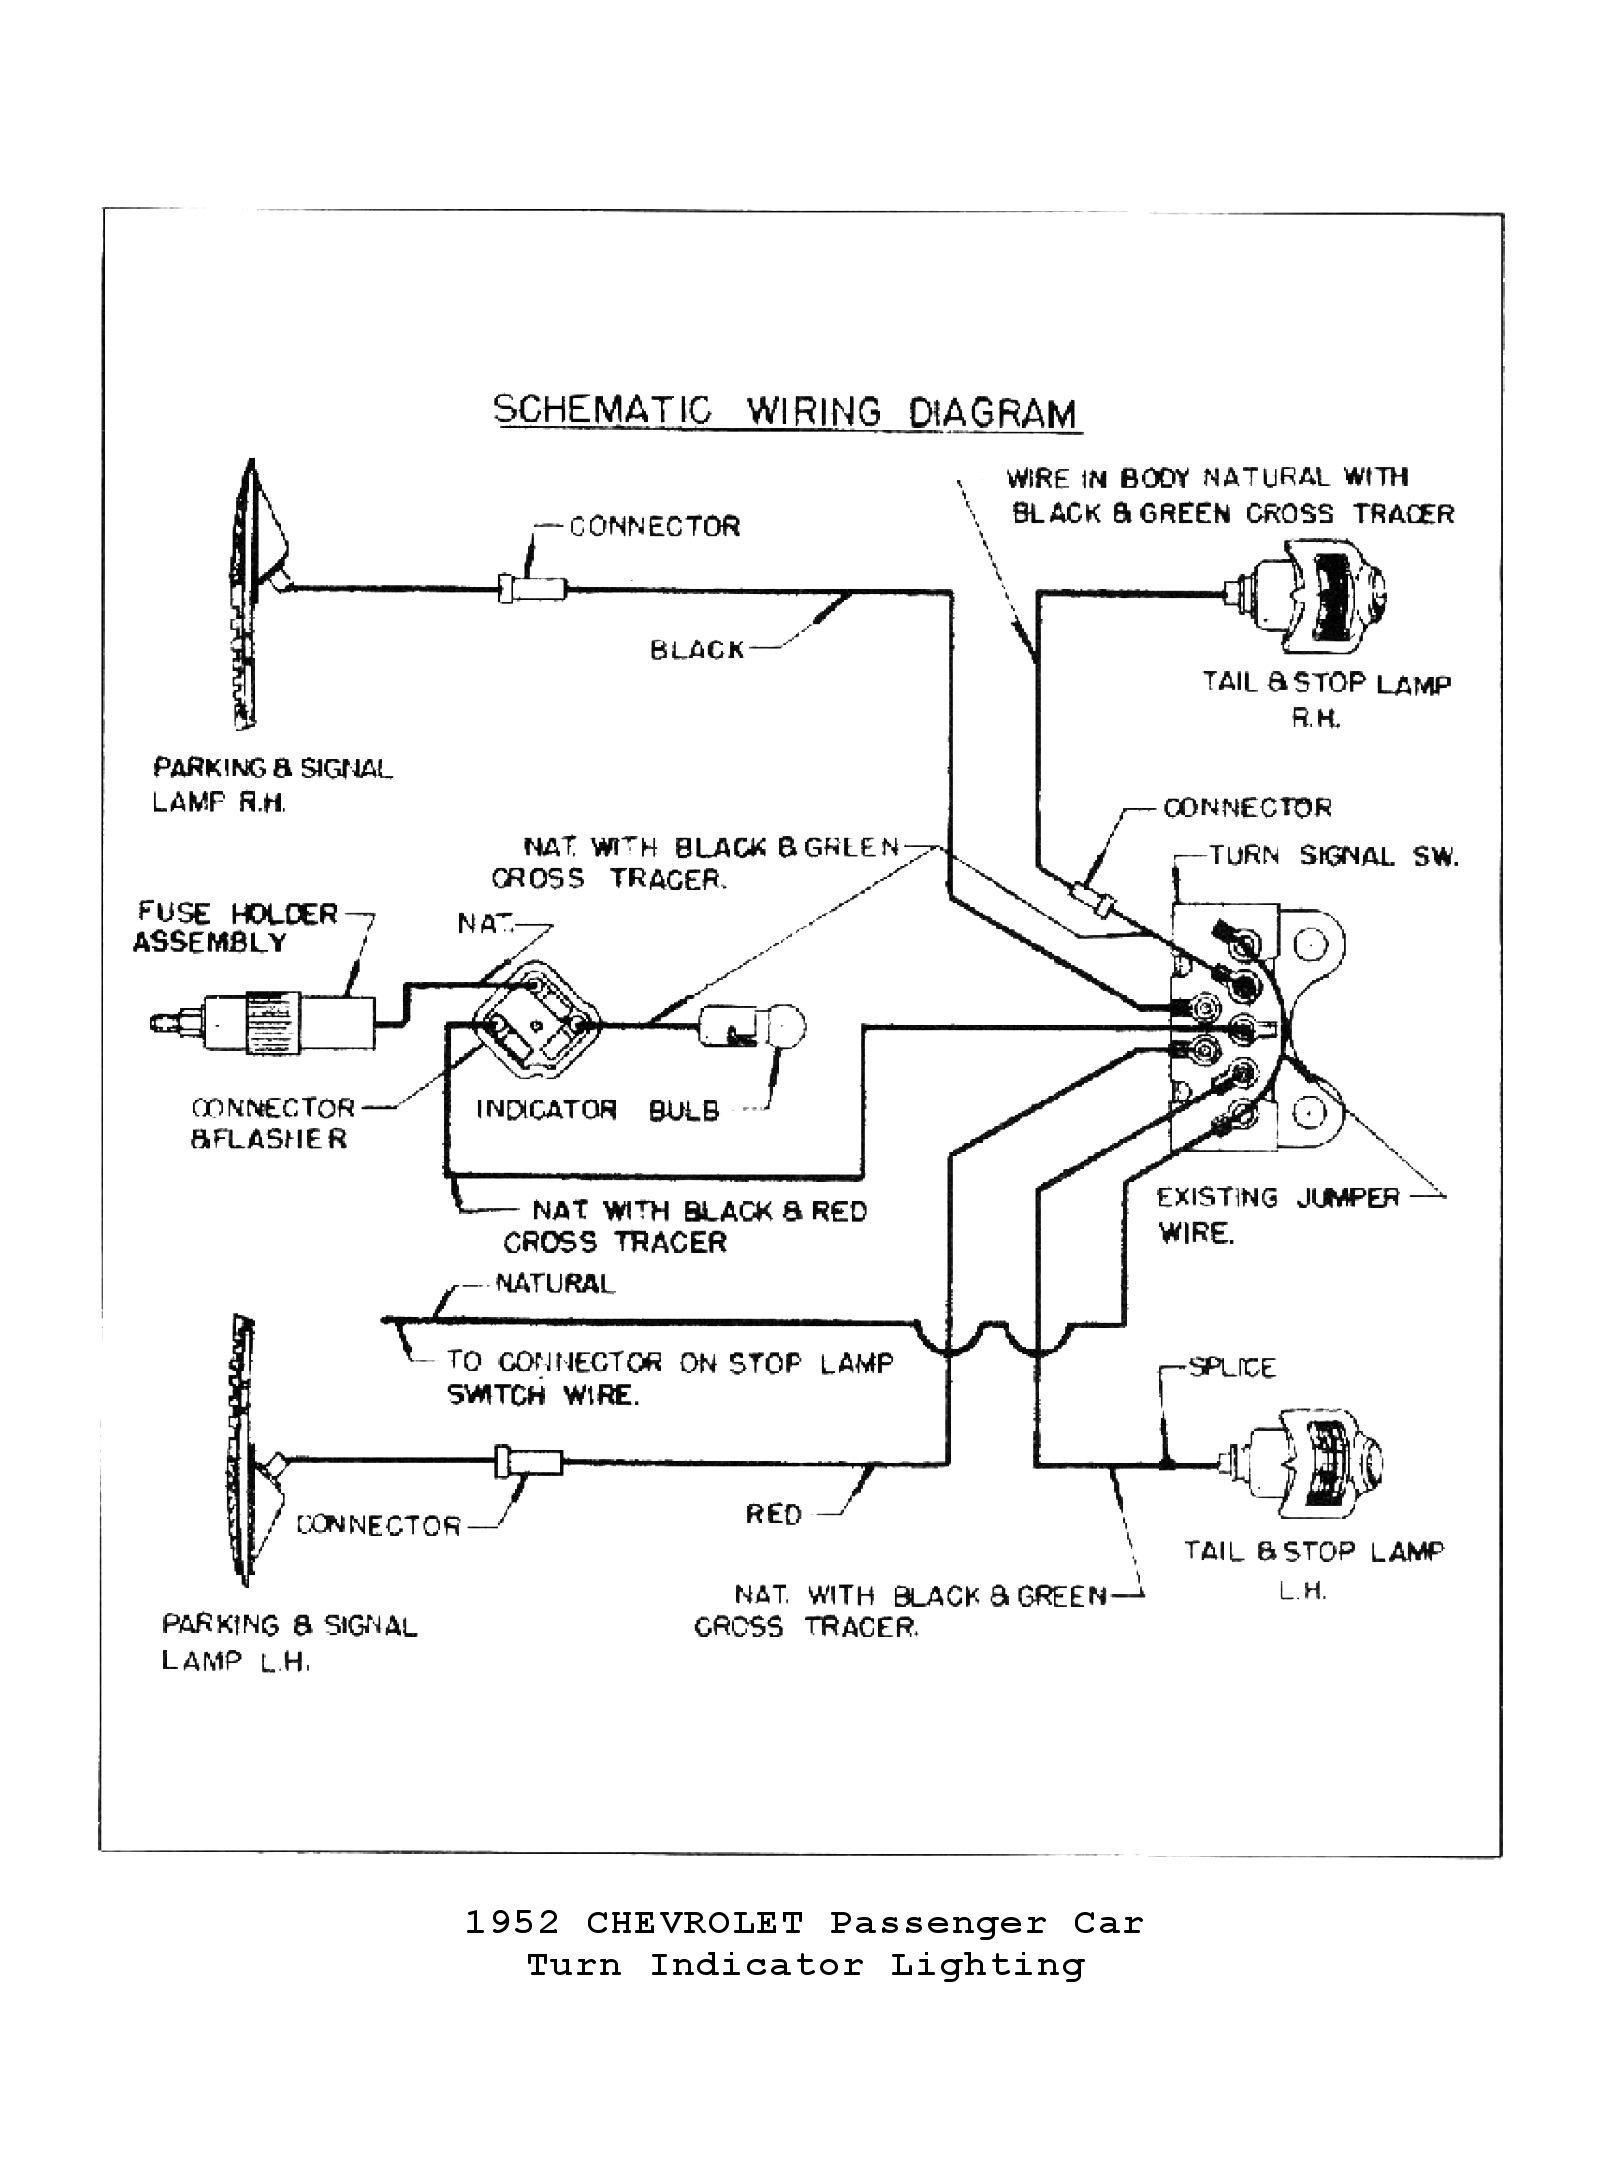 1953 chevy truck wiring diagram Ktp 445u Wiring Harness 1952 chevy truck wiring diagram wiring diagram for a 1952 chevy ktp 445u wiring harness